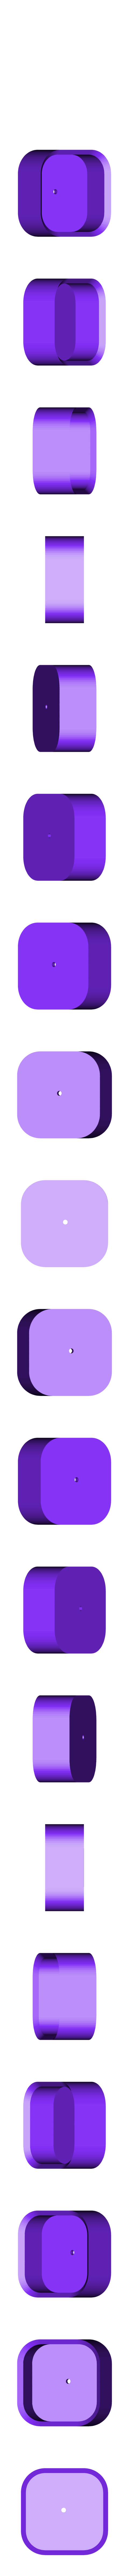 Simple_Pot_Small.stl Télécharger fichier STL gratuit Simple et petit • Plan pour imprimante 3D, Isi8Bit